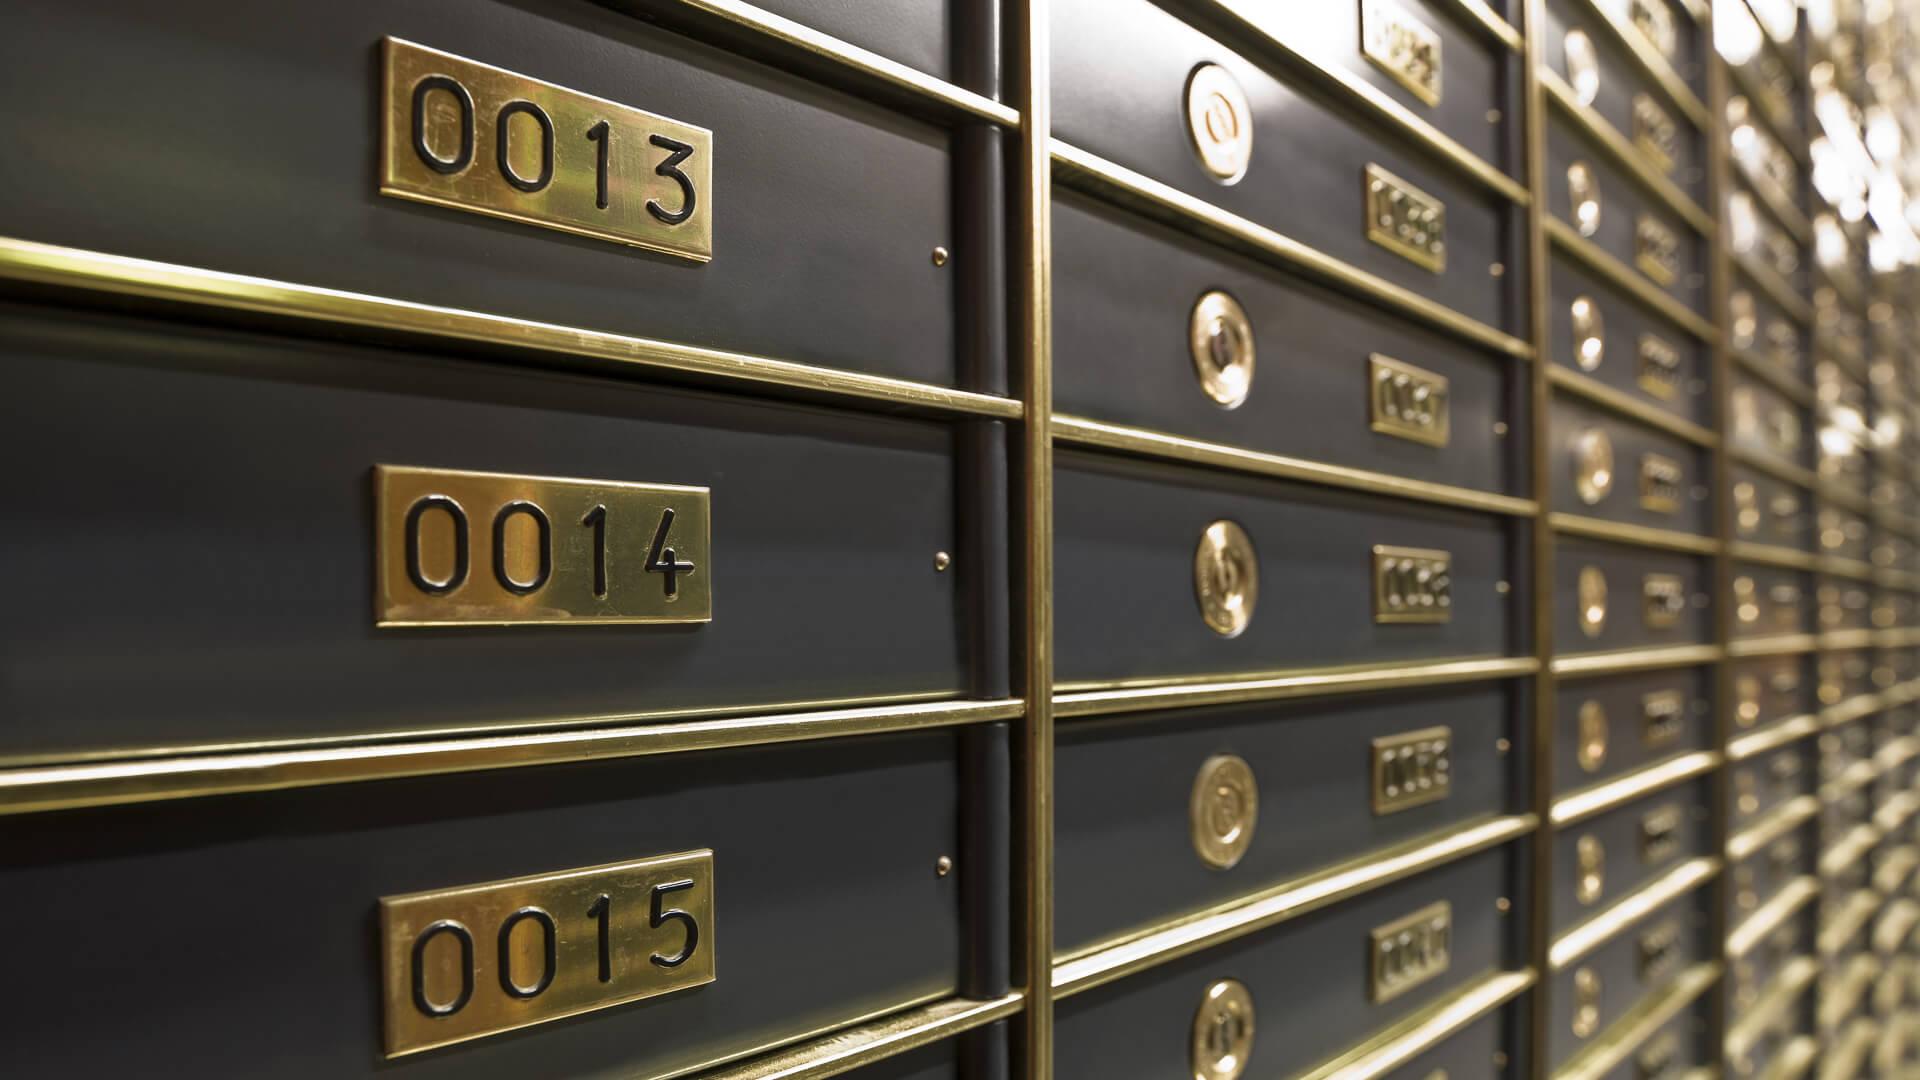 bank-safety-deposit